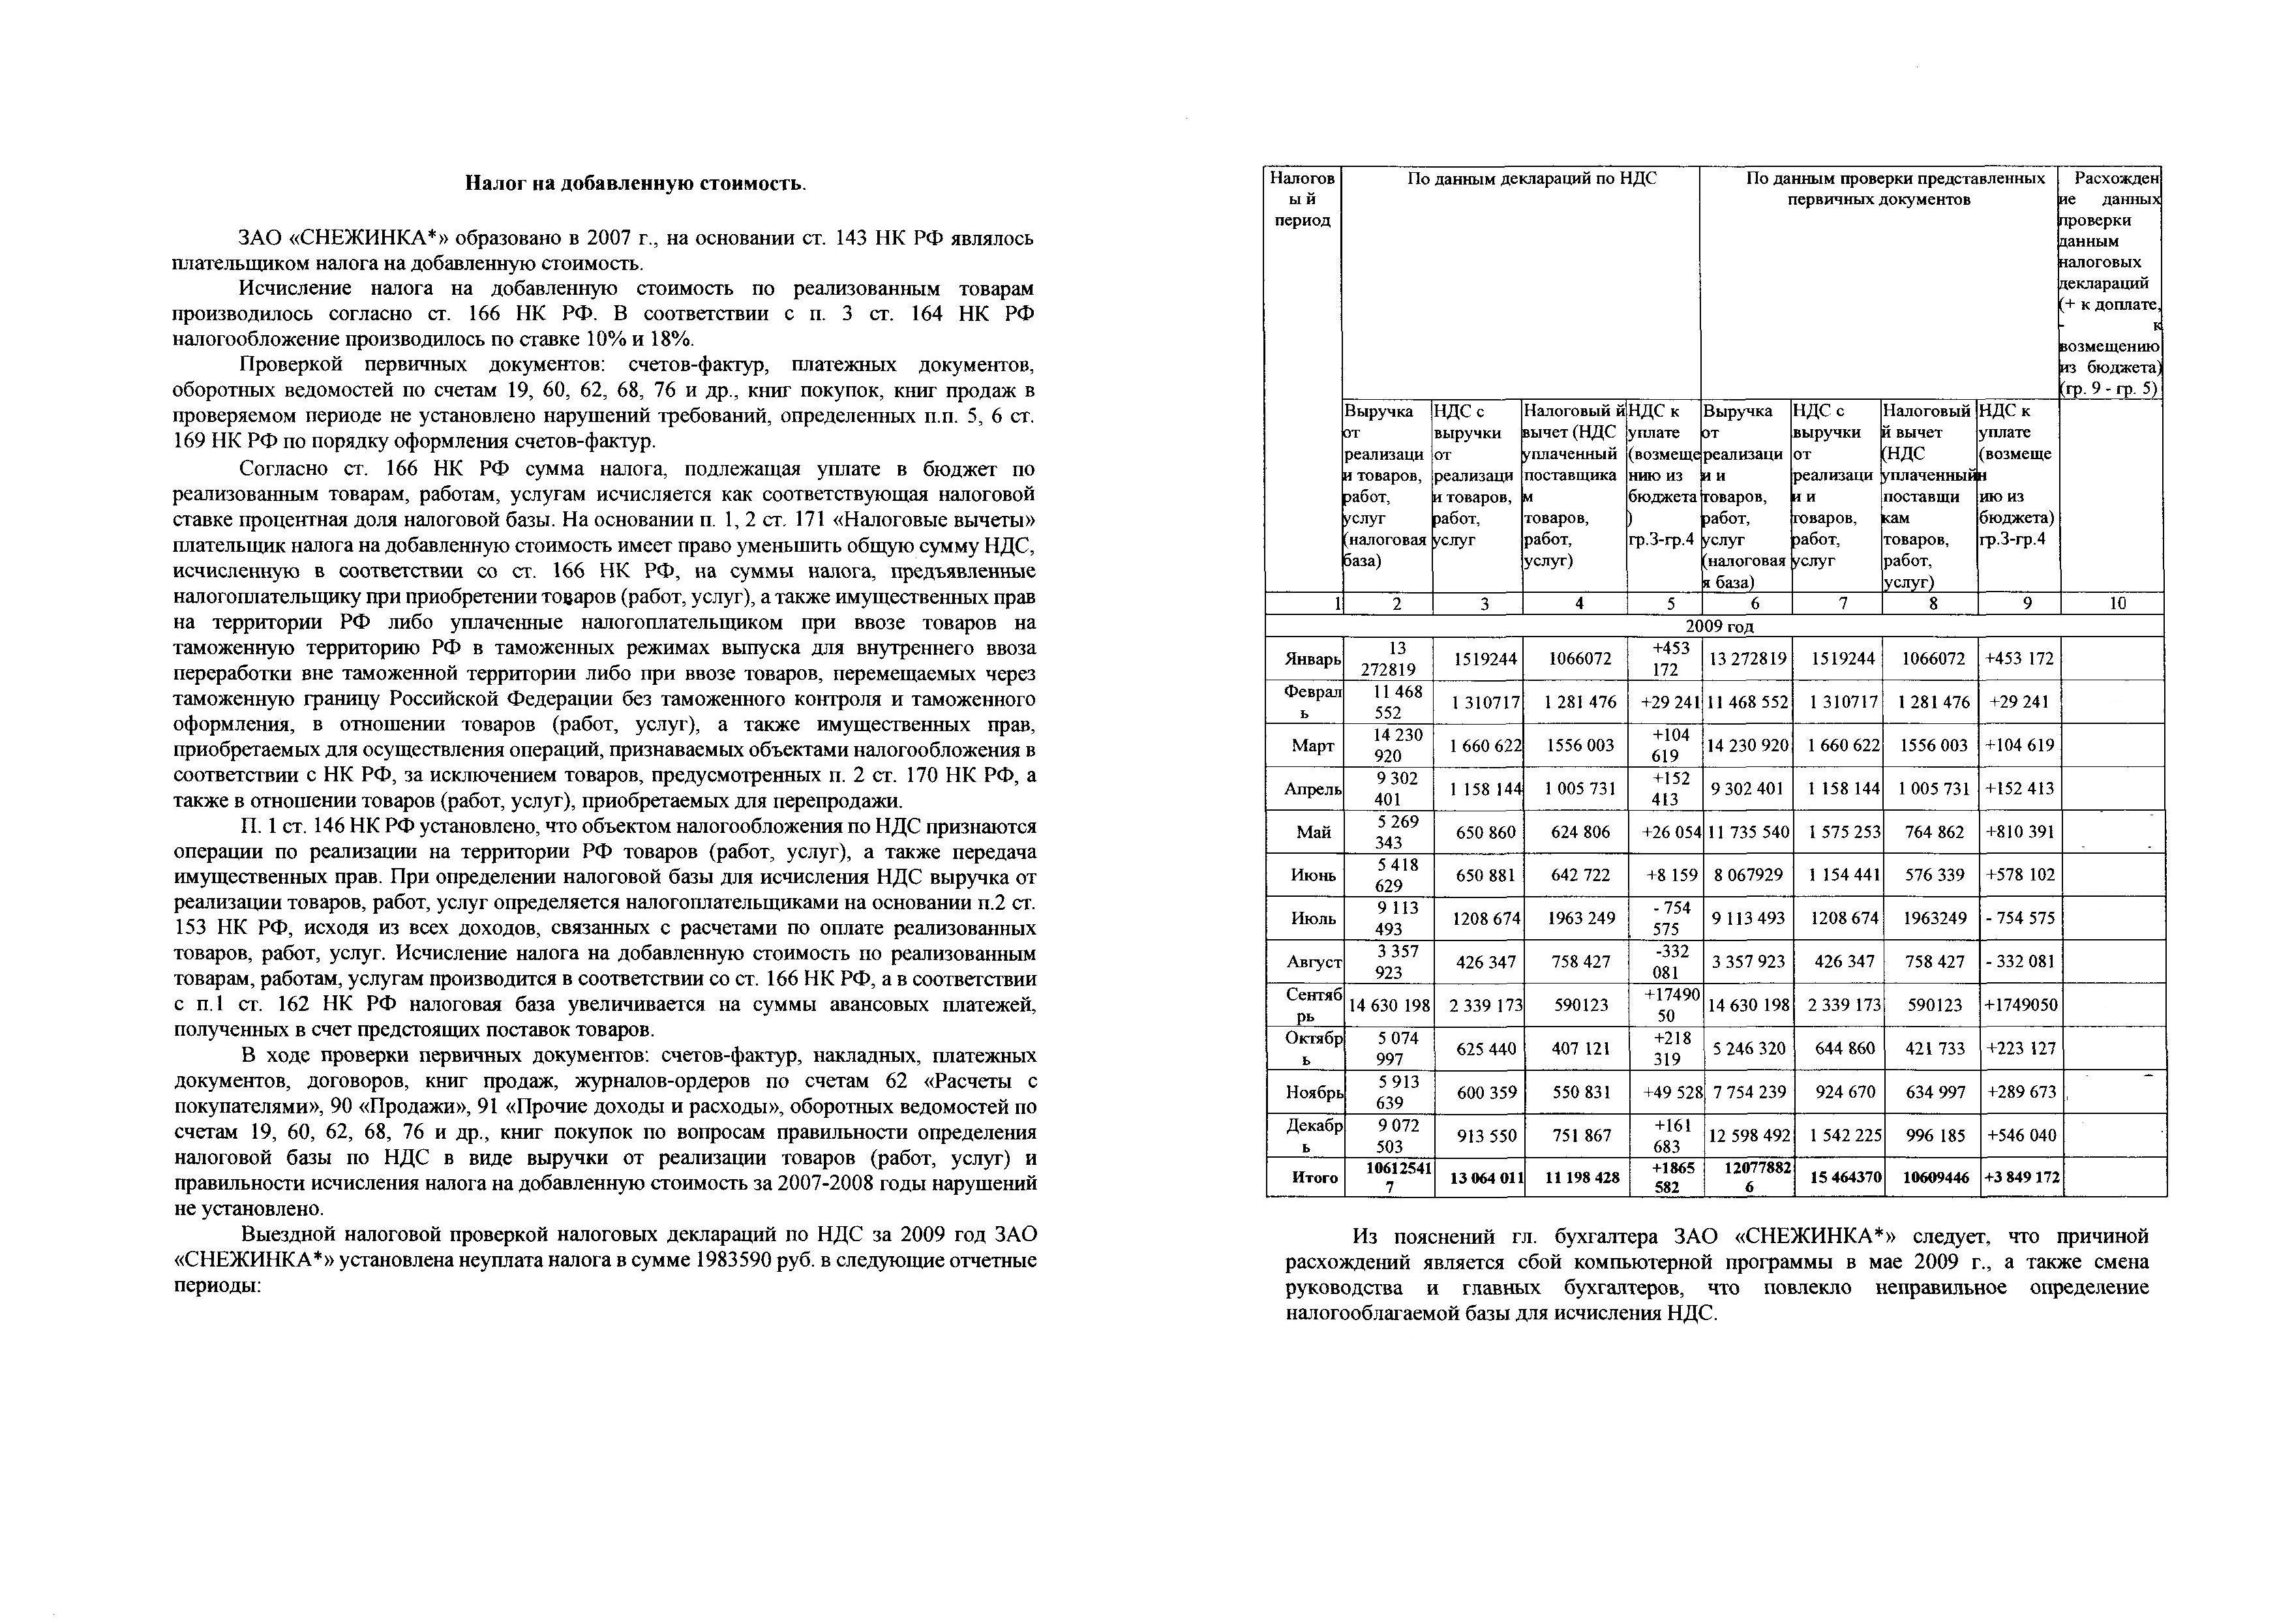 nos contributions Организация и методика проведения налоговых проверок Методичка по выполнению курсовой работы Н Г Варакса 2008 Организация и методика налоговых проверок